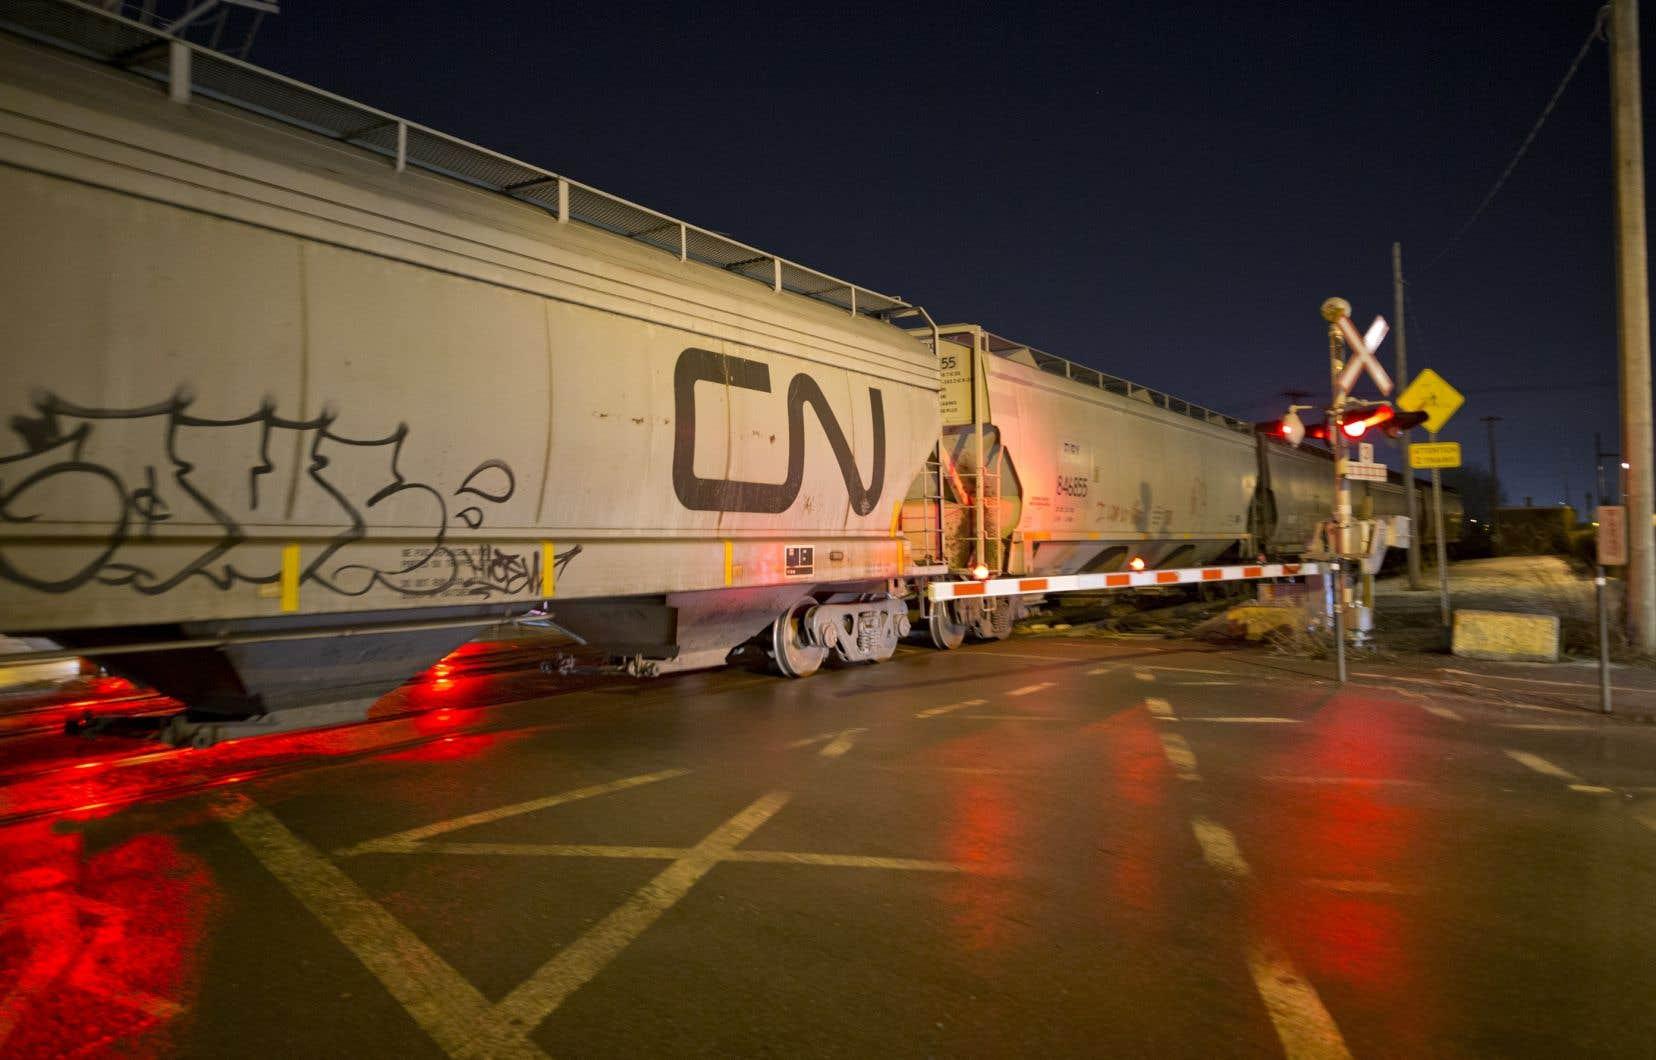 Comme le CN, la plupart des chemins de fer nord-américains ont retiré ou révisé leurs perspectives en réponse à l'épidémie, qui a bouleversé l'économie, forcé la fermeture des entreprises à travers le monde et déclenché une récession imminente.